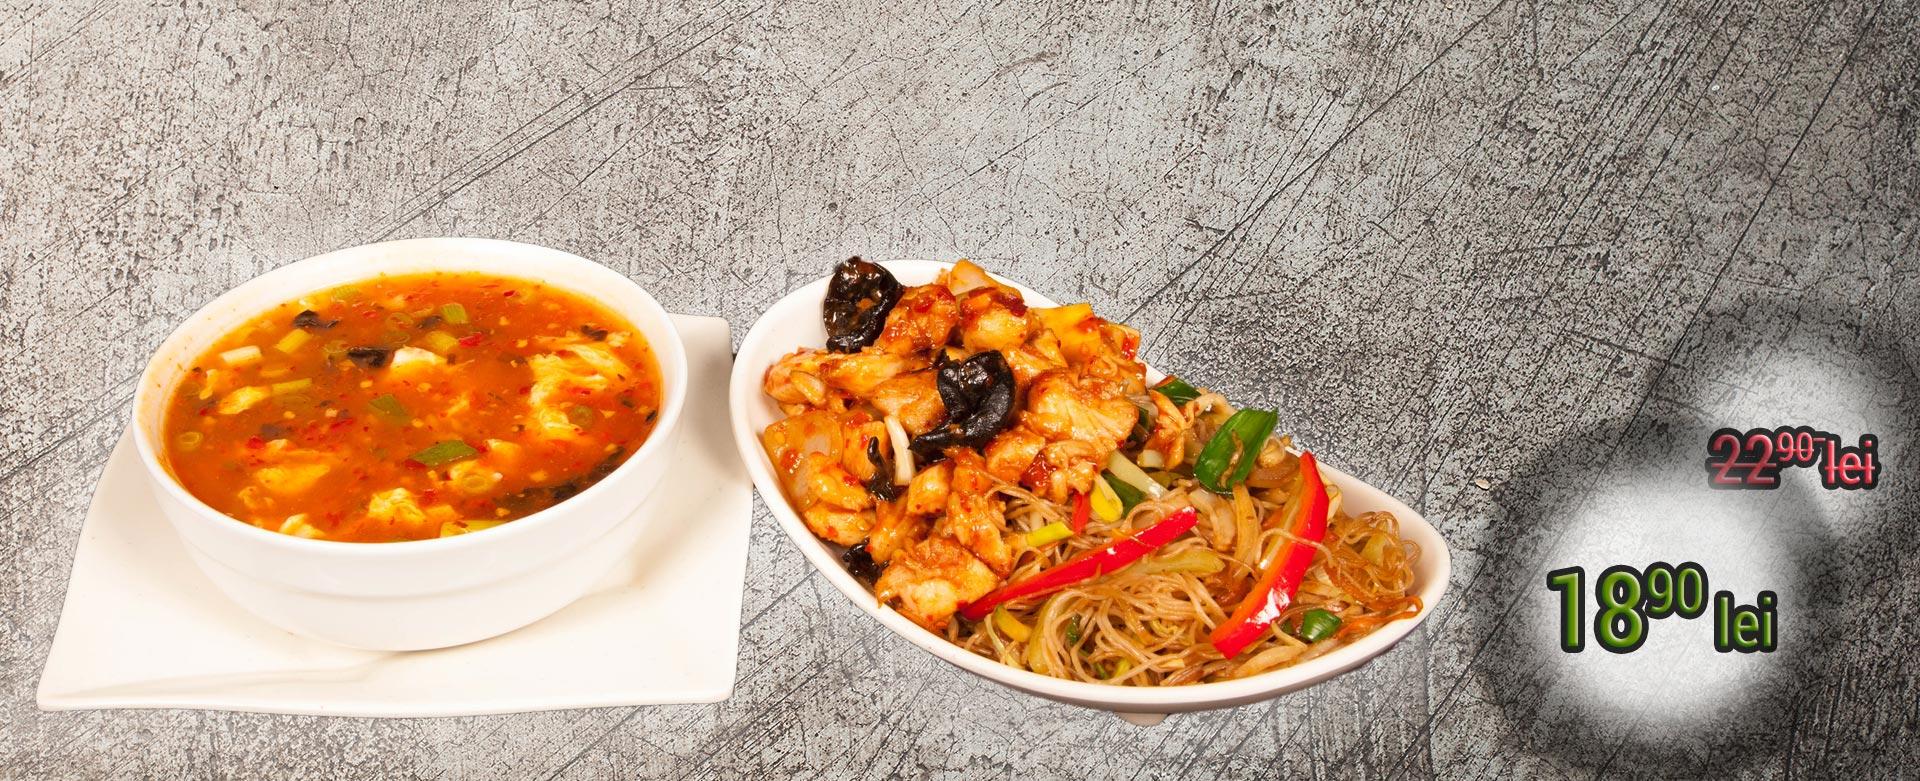 Meniul supă este alegerea perfectă pentru o masă deliciosă, marca KungFu King, ce conţine o supă, un fel principal şi o garnitură. Alege mâncare chinezească de calitate, marca KungFu King. Acum puteţi face comanda online şi vă puteţi, astfel, bucura de ofertele speciale oferite de restaurantul chinezesc KungFu King din Bucureşti.